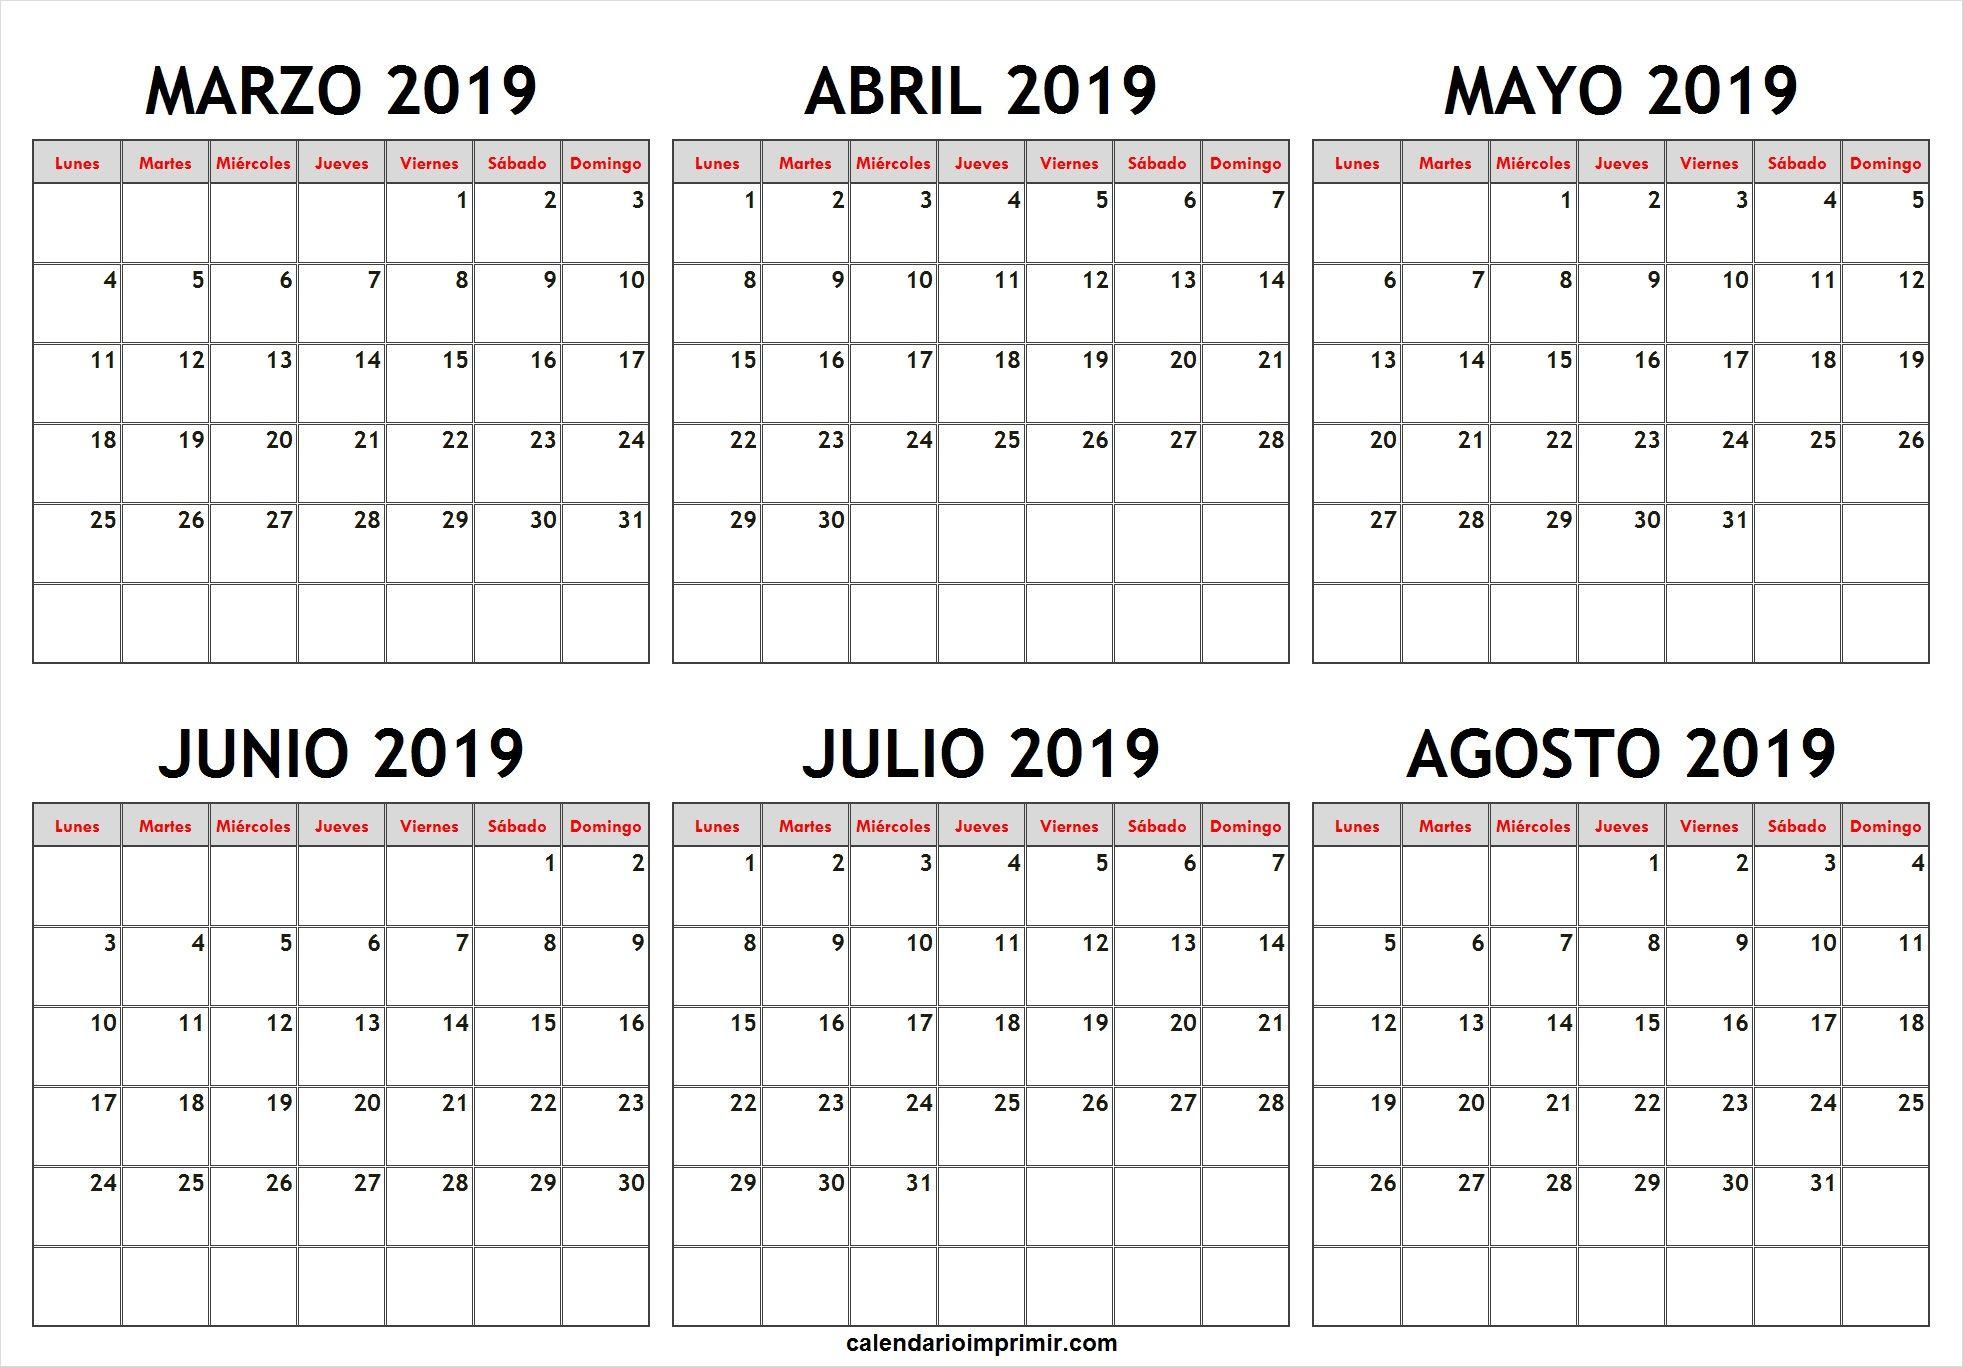 Calendario 2019 Julio Agosto Y Septiembre.Calendario Marzo Abril Mayo Junio Julio Agosto 2019 March